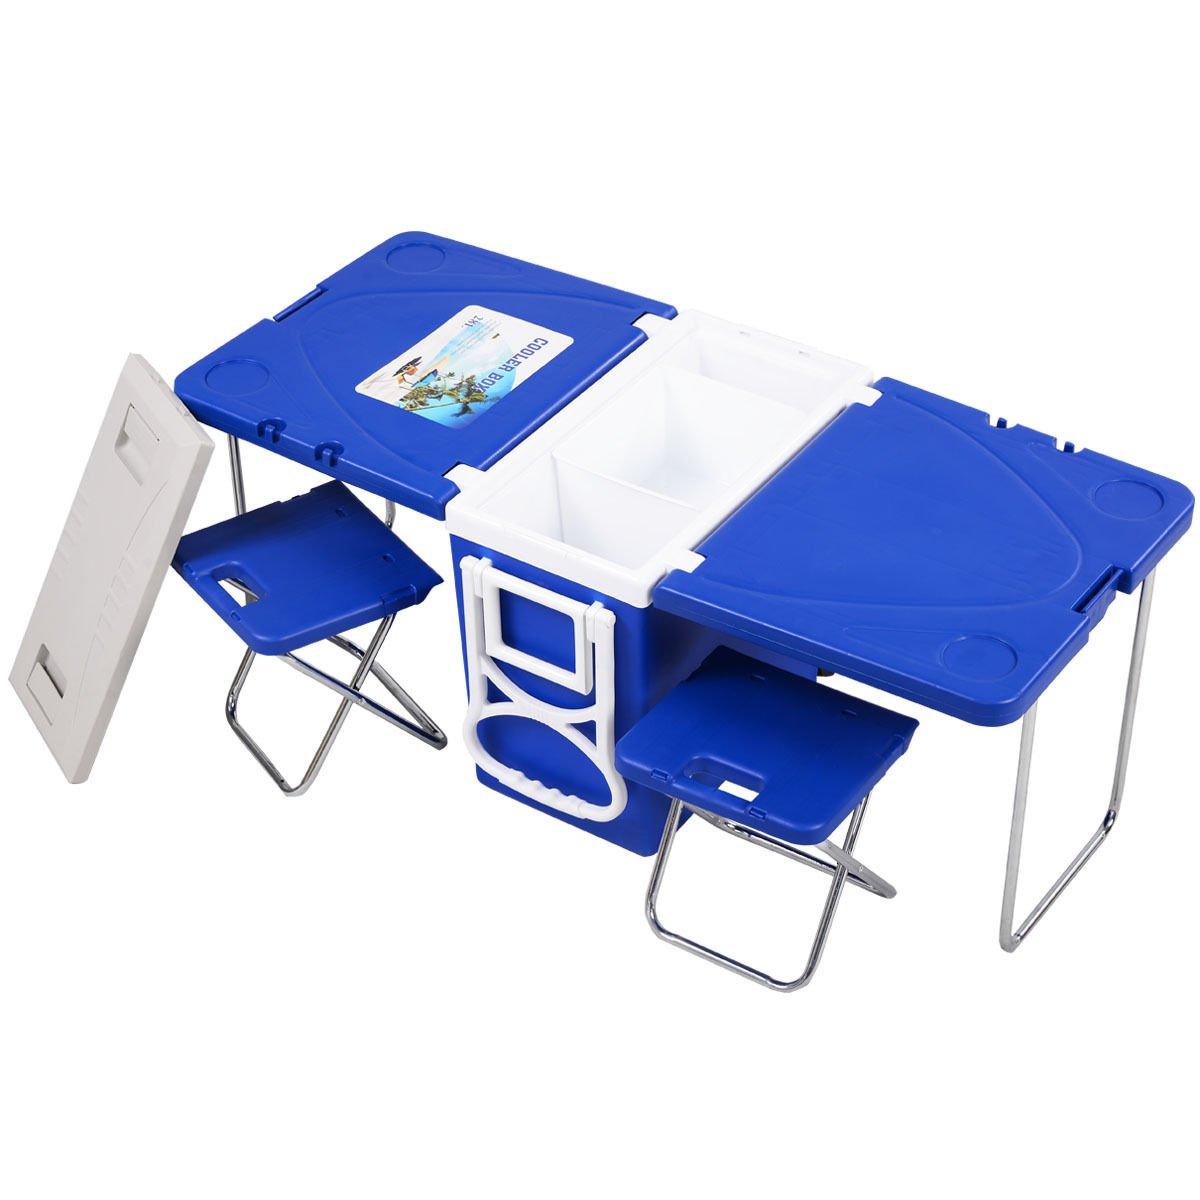 マルチ関数ローリングクーラーピクニックキャンプアウトドアW /テーブル& 2椅子ブルーby allgoodsdelight365 B073VMD7H5